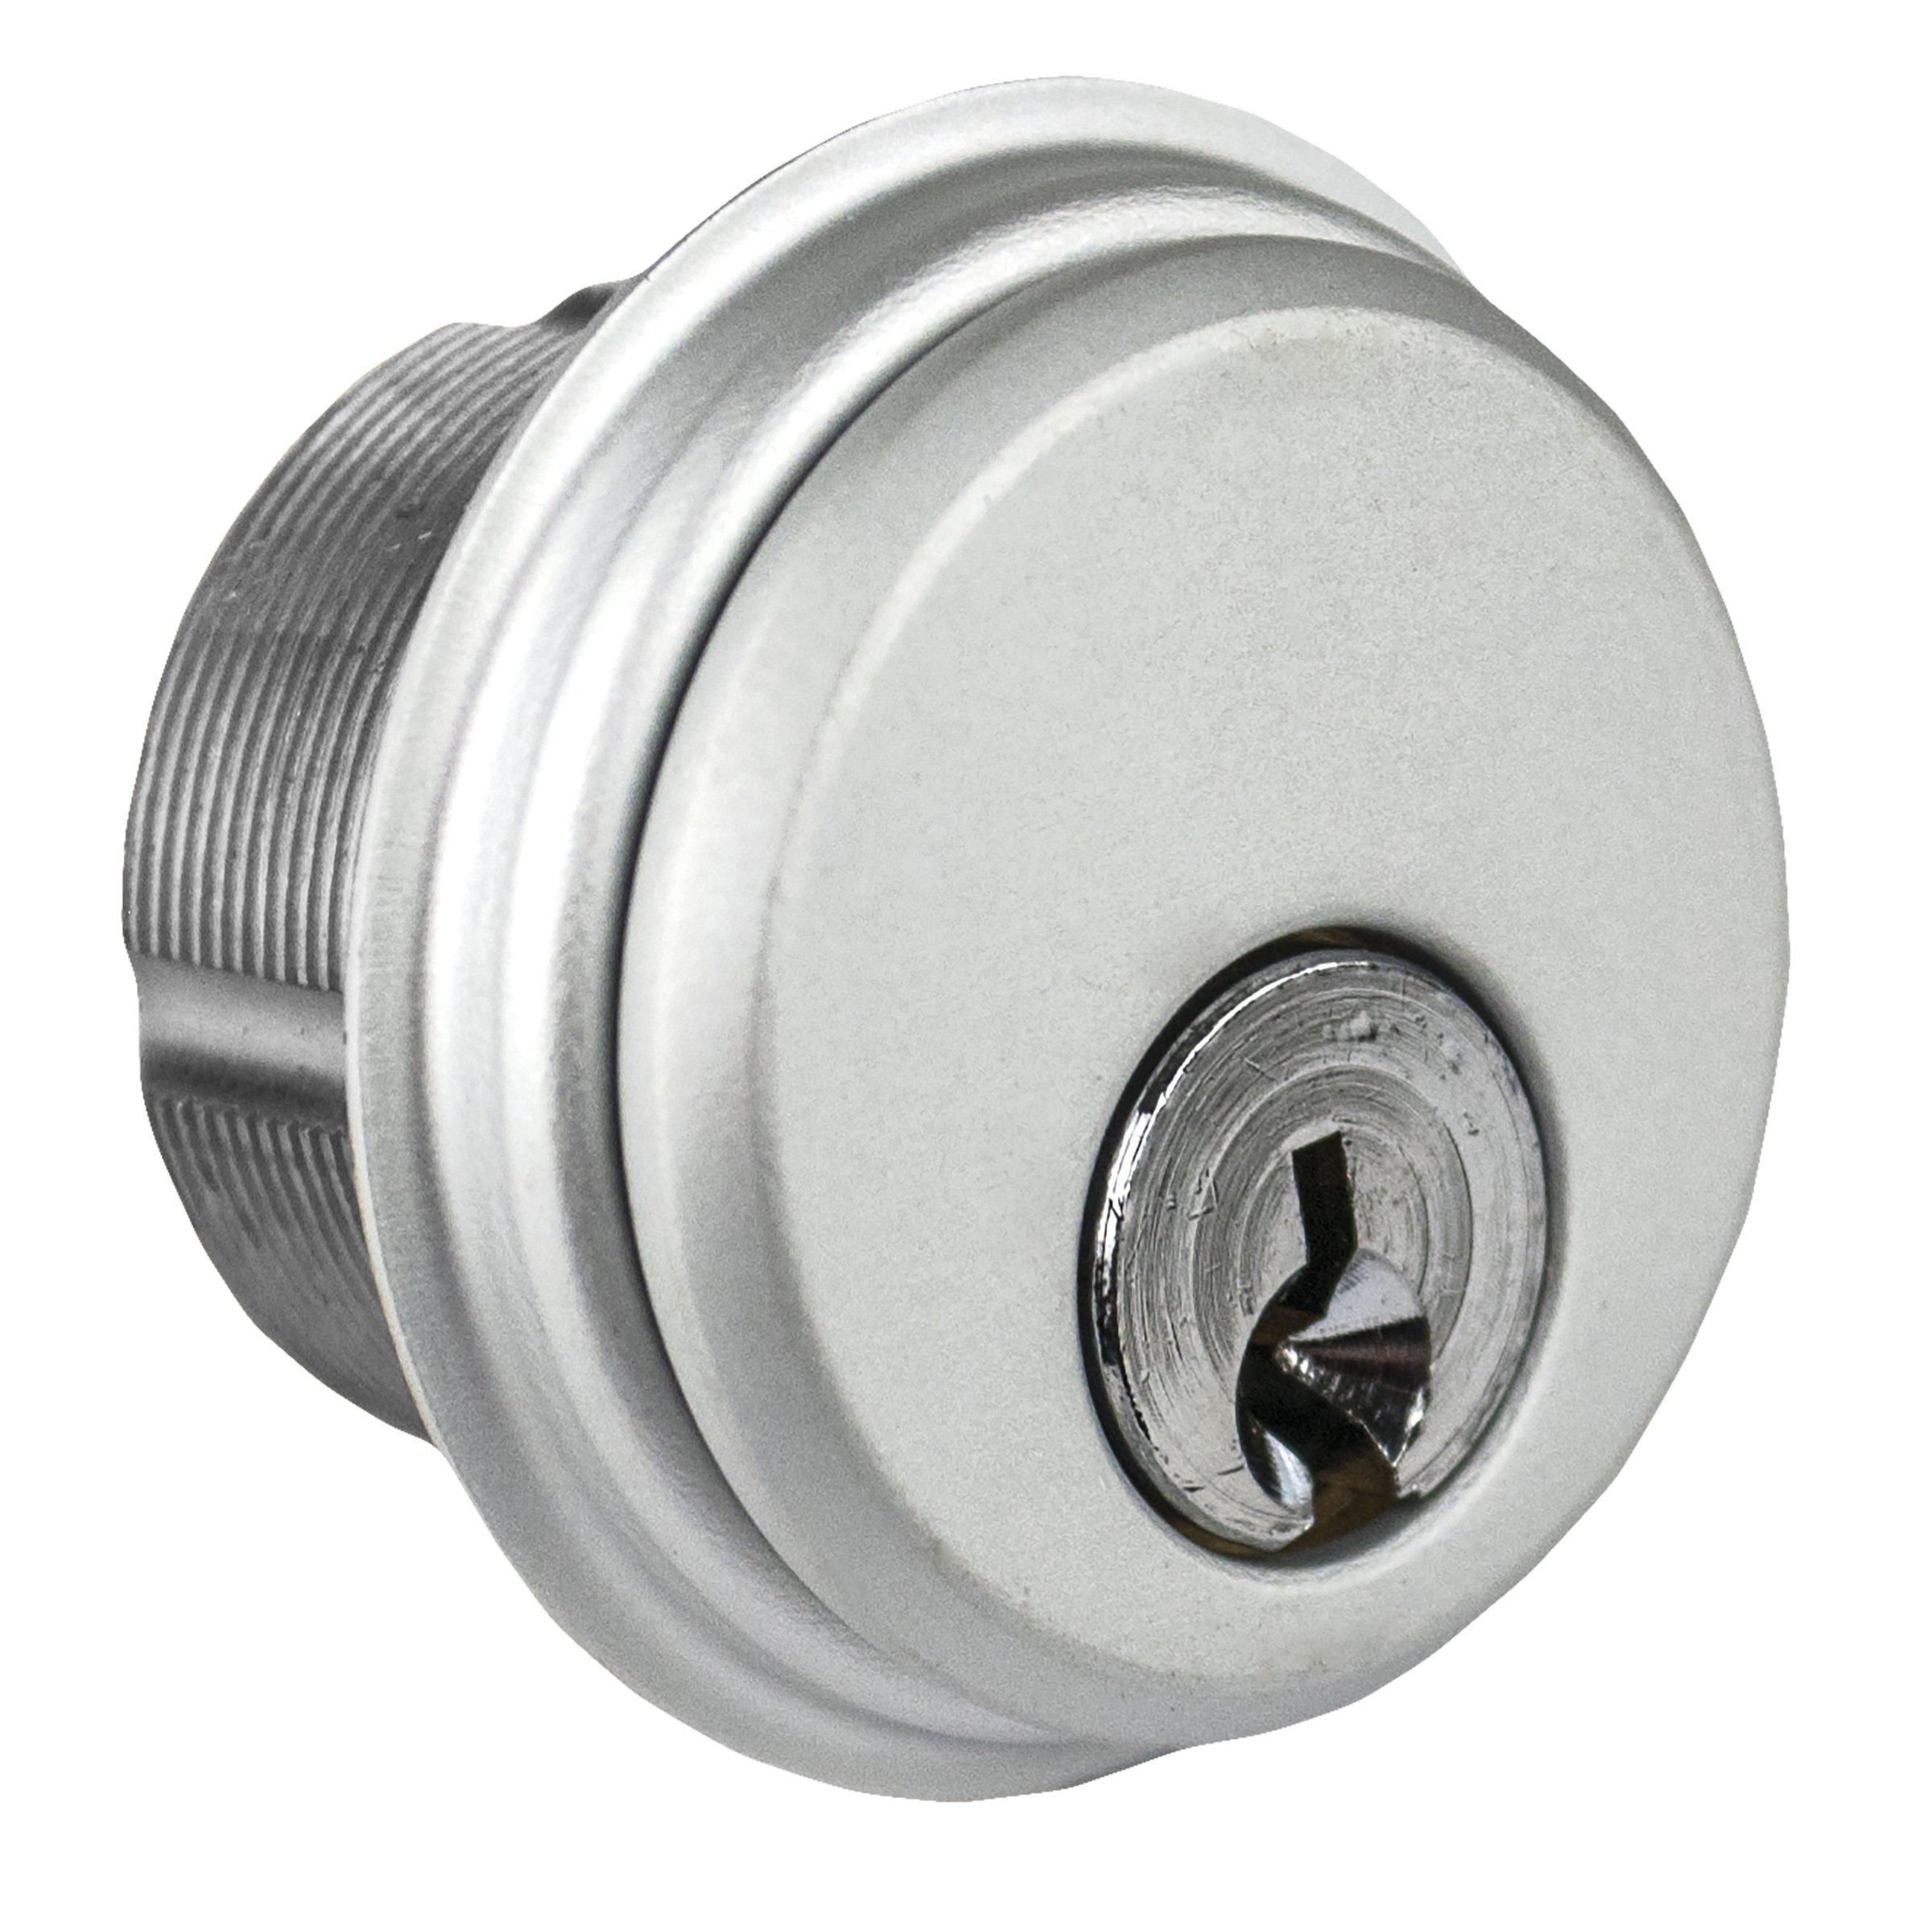 Global Door Controls Single Zinc Mortise Cylinder in Aluminum